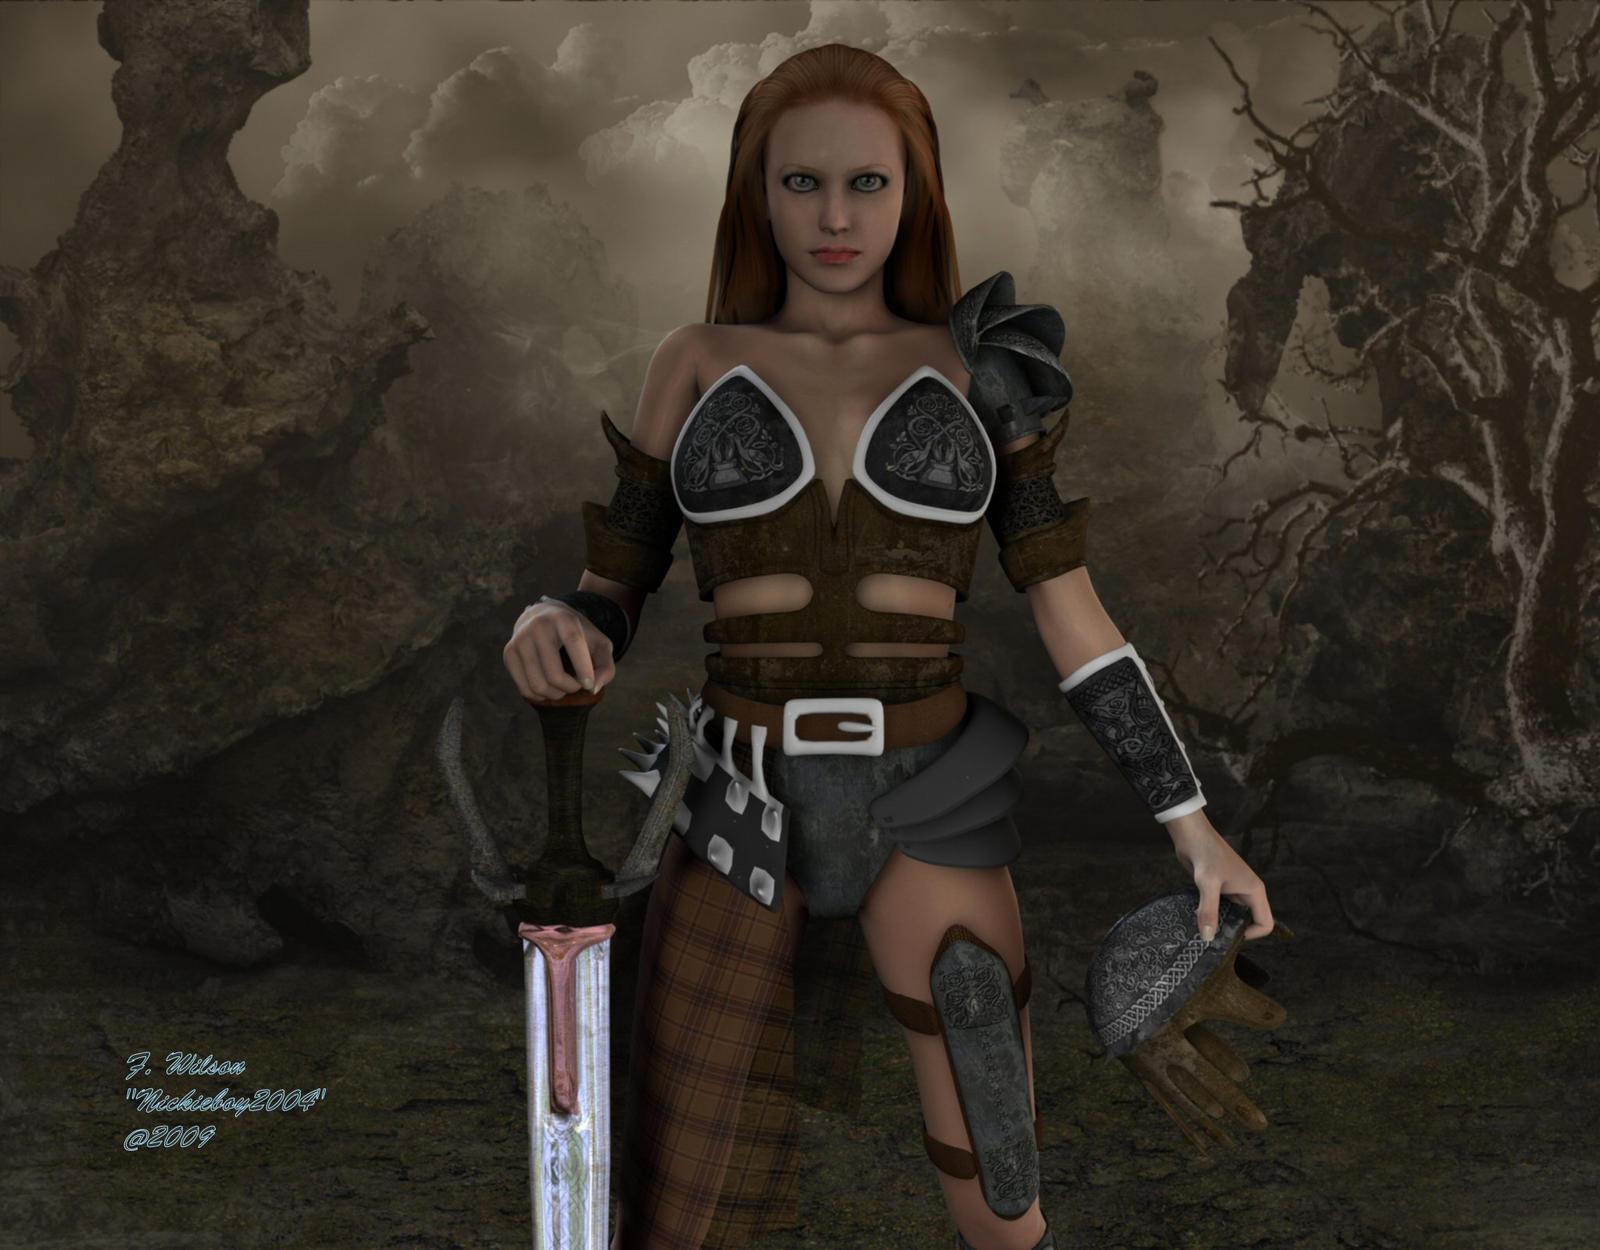 """Obrázok """"http://fc02.deviantart.com/fs44/i/2009/097/9/f/The_Highlander_by_Nickieboy2004.jpg"""" sa nedá zobraziť, pretože obsahuje chyby."""